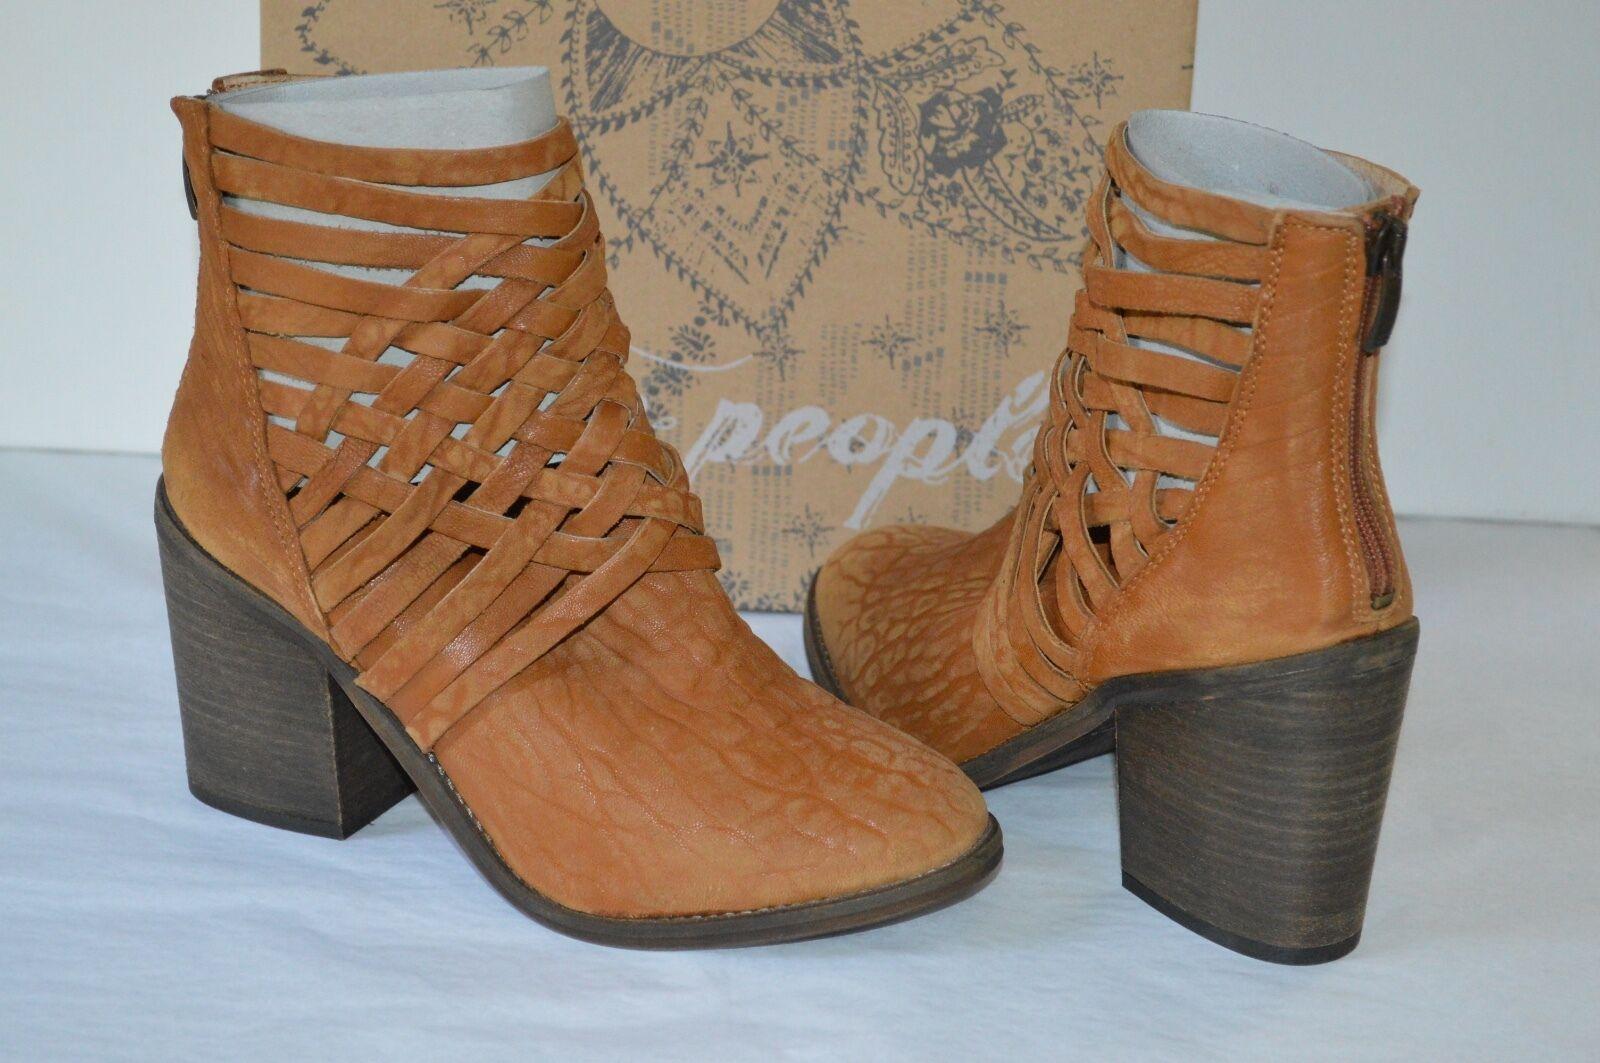 Nuevo  198 Free People carrera botín botín botín de tacón botas Tobillo Corto Vintage Cuero Tostado 7  precio mas barato